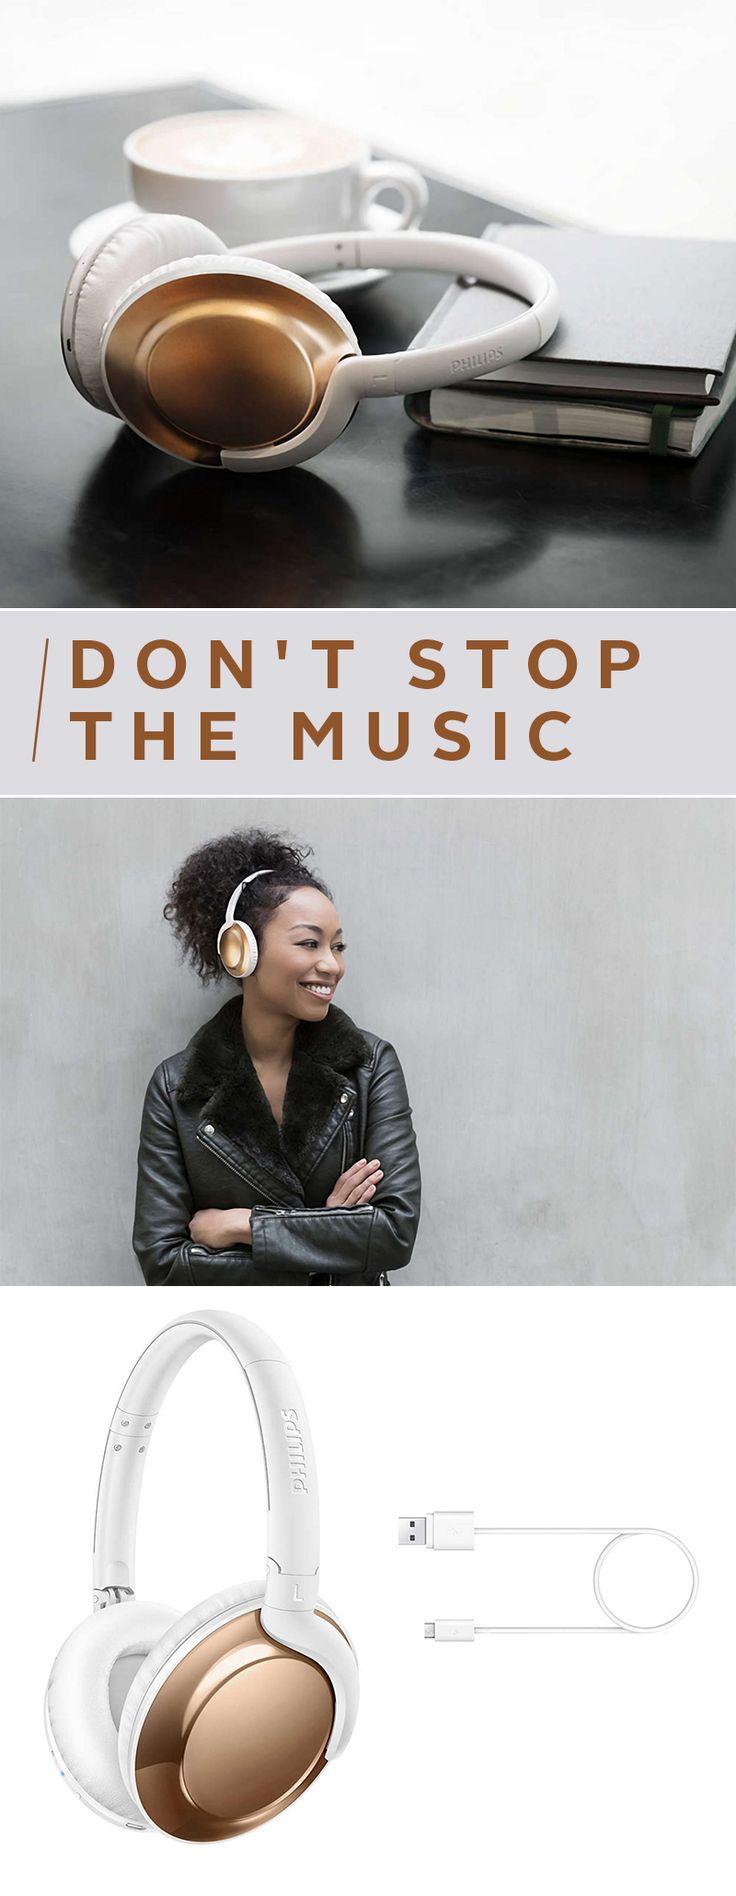 Der Sound? Kristallklar! Das Design? Edel und modern! Das Gewicht? Ultraleicht! Der zusammenklappbare Over-Ear-Bluetooth-Kopfhörer von Philips macht dich einfach in allen Bereichen kabellos glücklich! Für alle, die Style und Technik lieben!